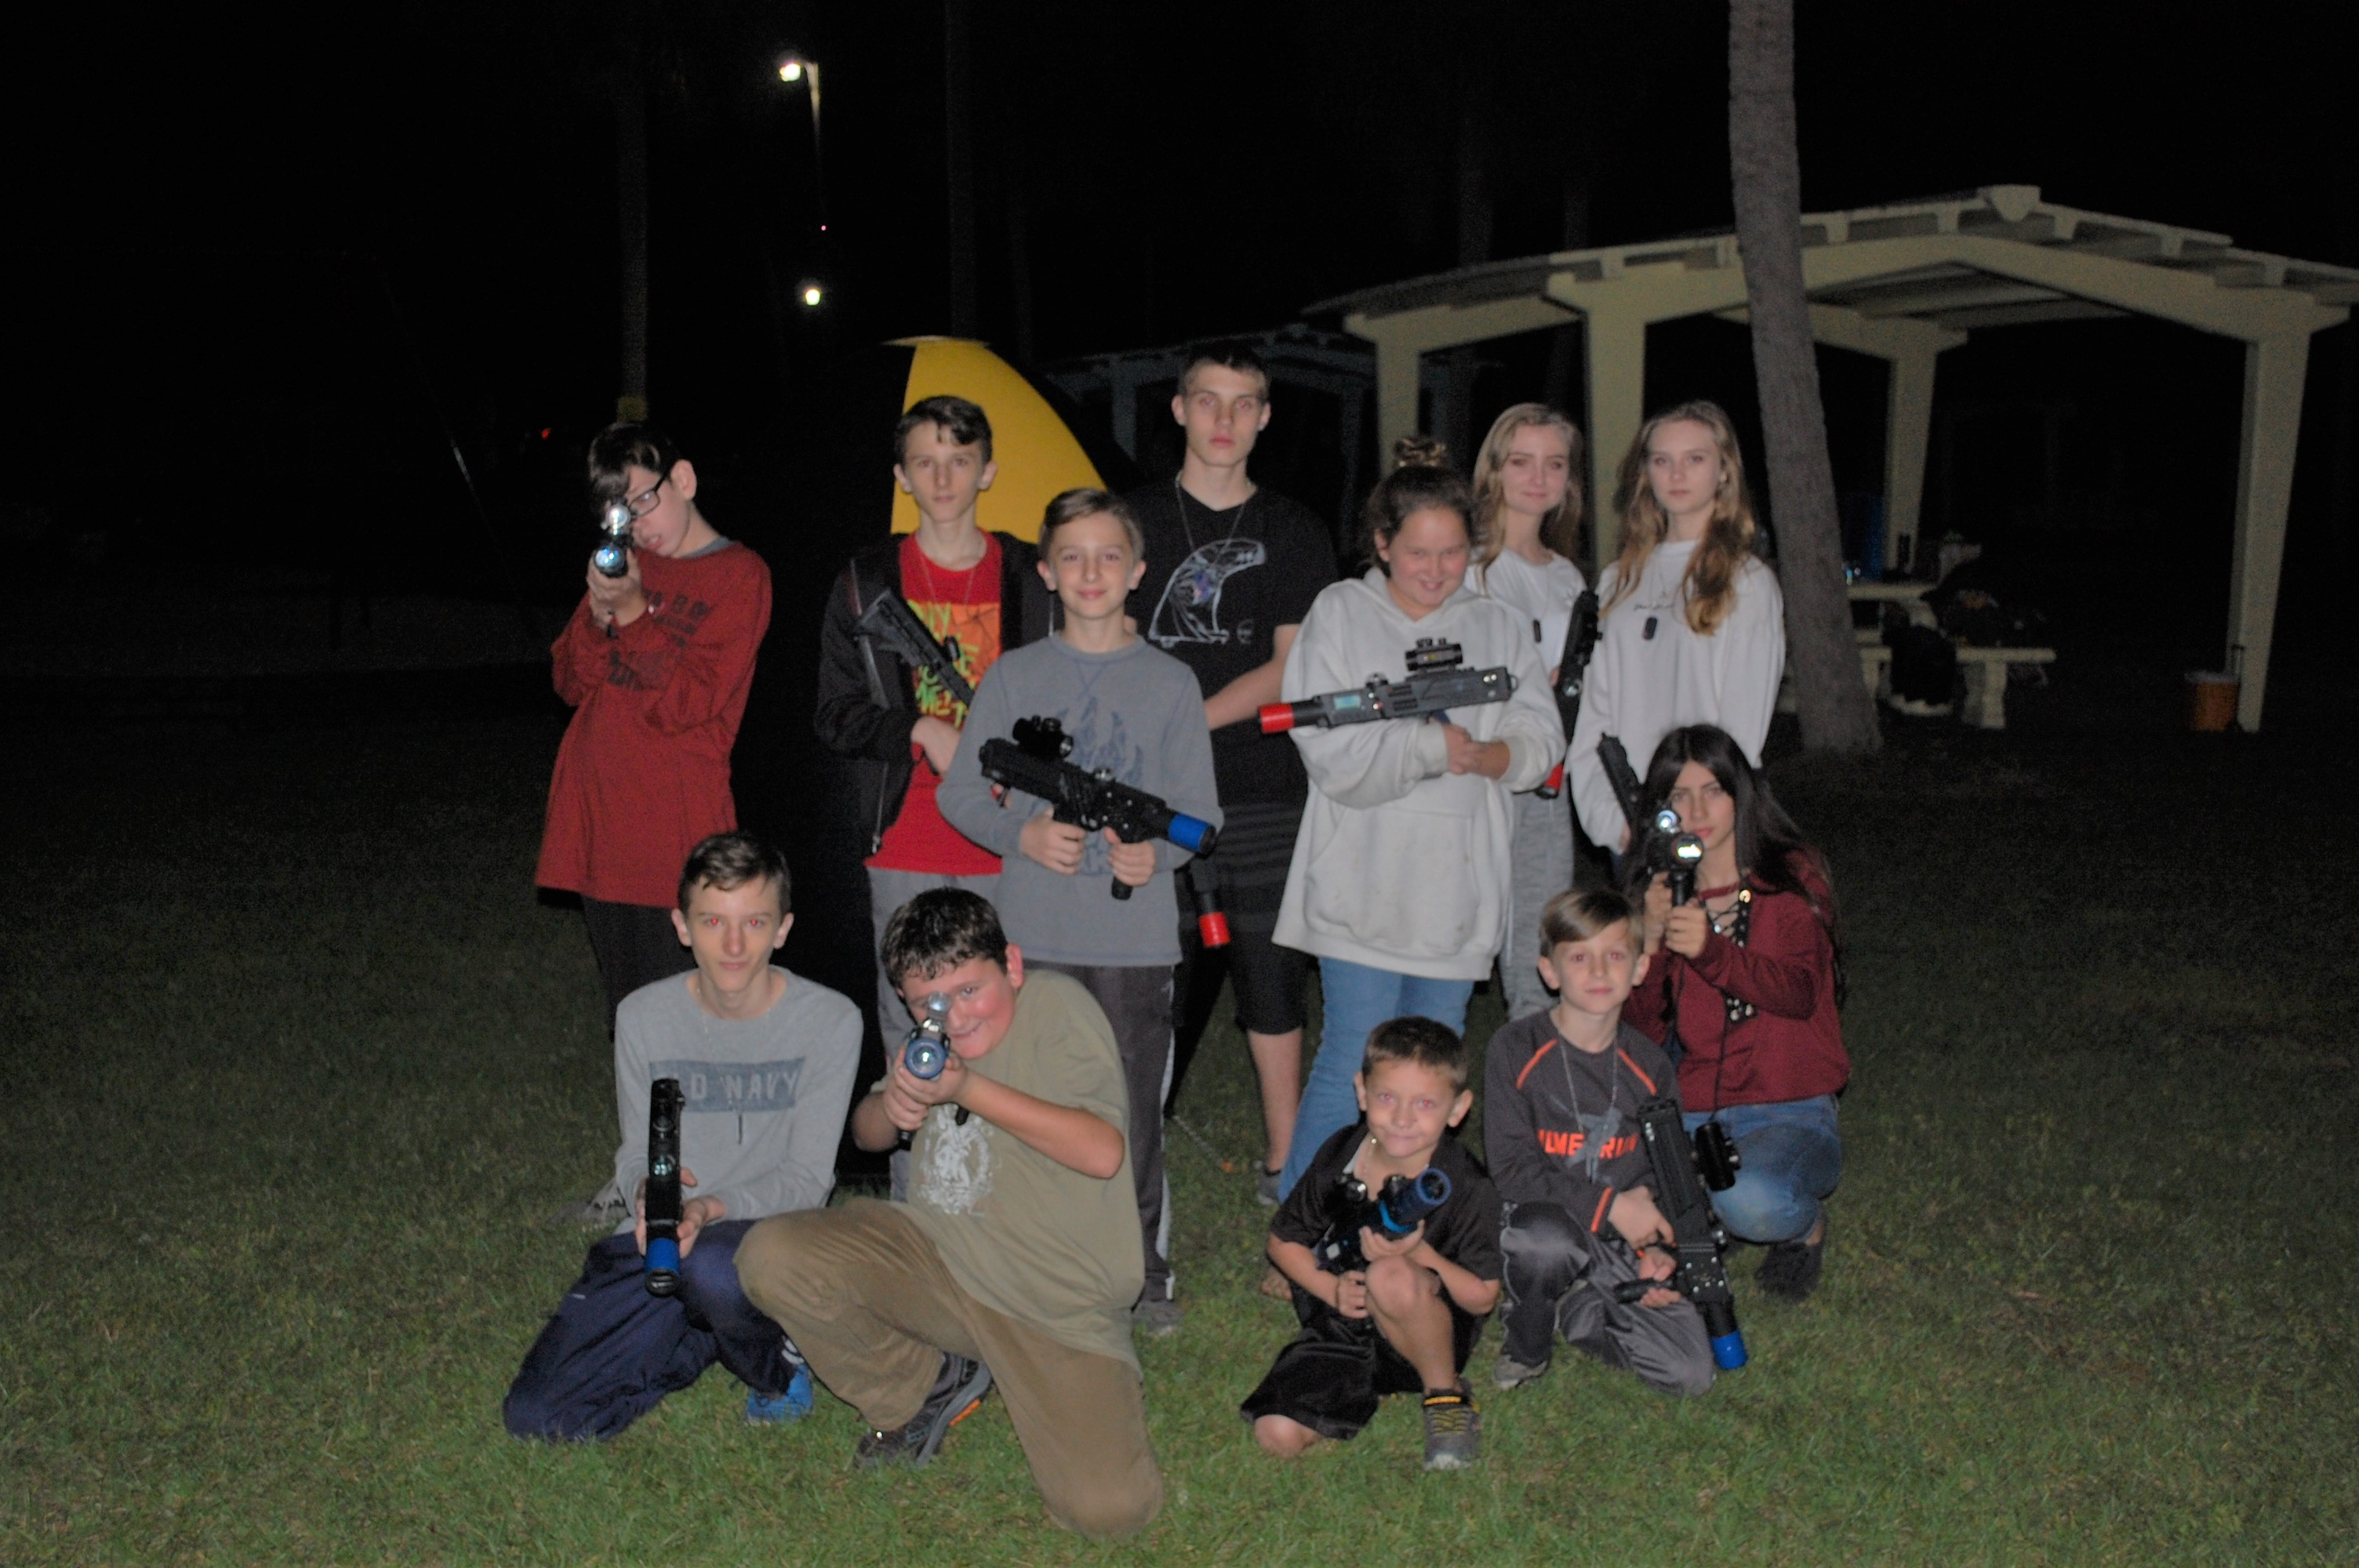 Mobile Laser Tag in Bradenton, FL